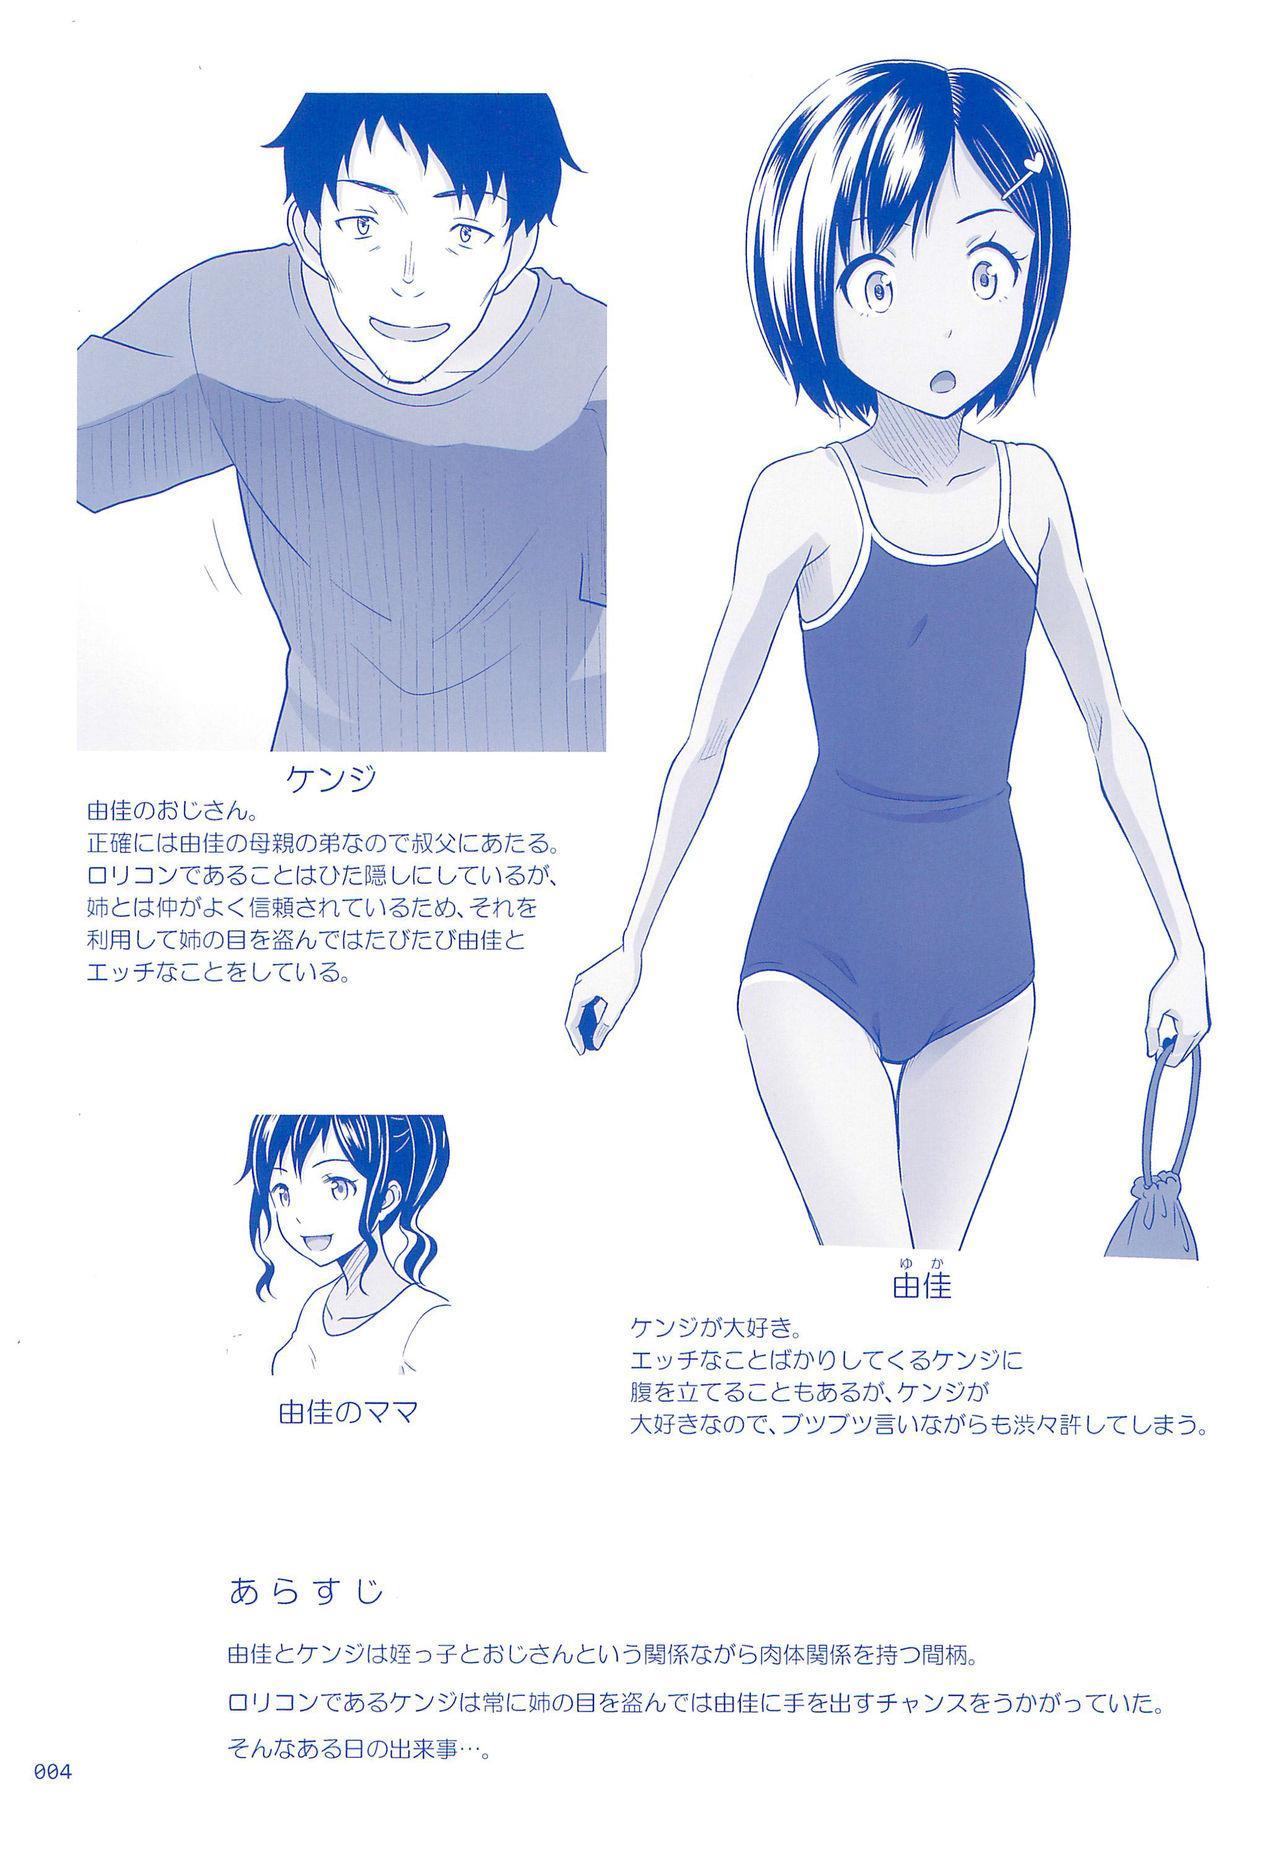 Meikko na Syoujo no Ehon 8 3